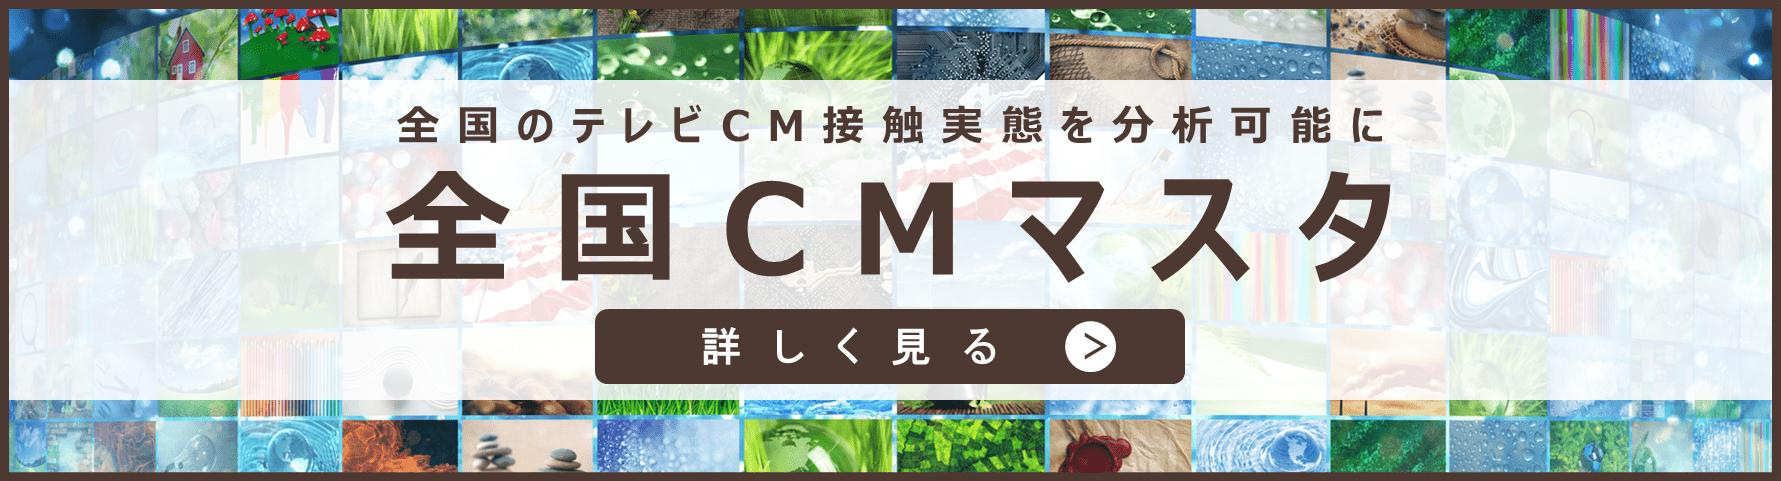 cm-master_banner.png